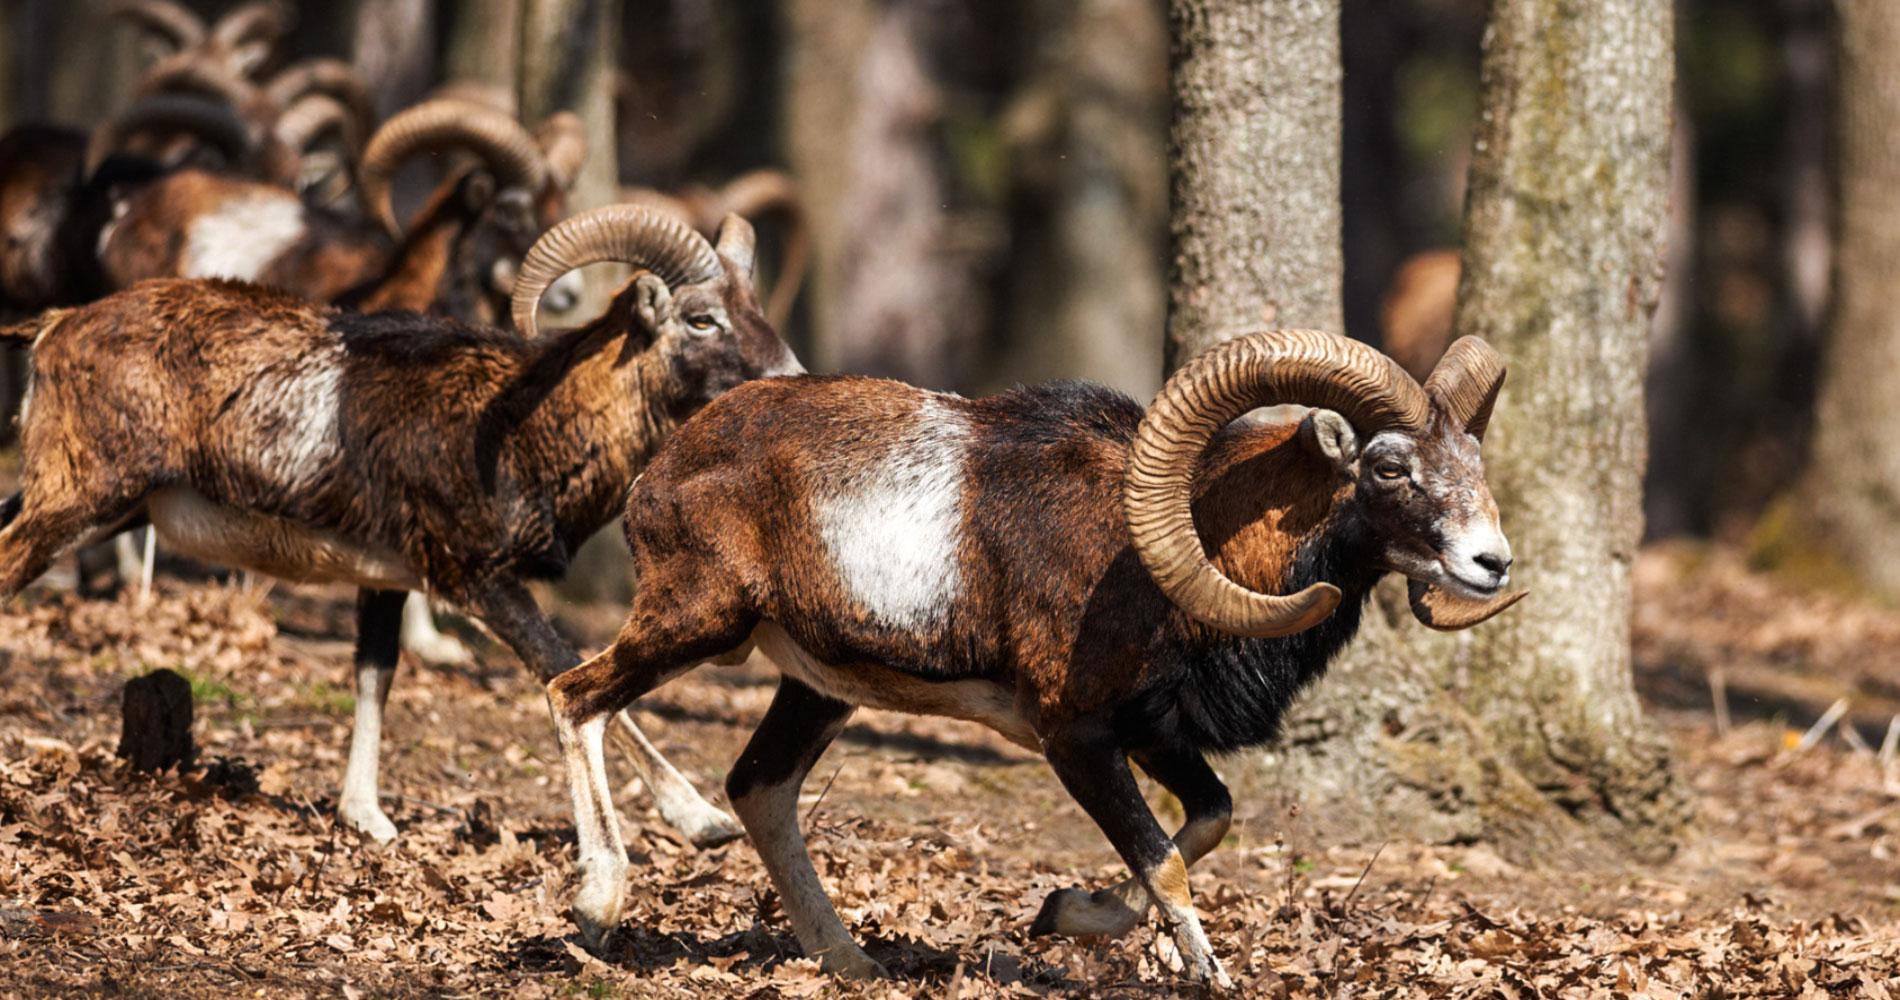 Montagne du Haut Languedoc. Mouflons slider